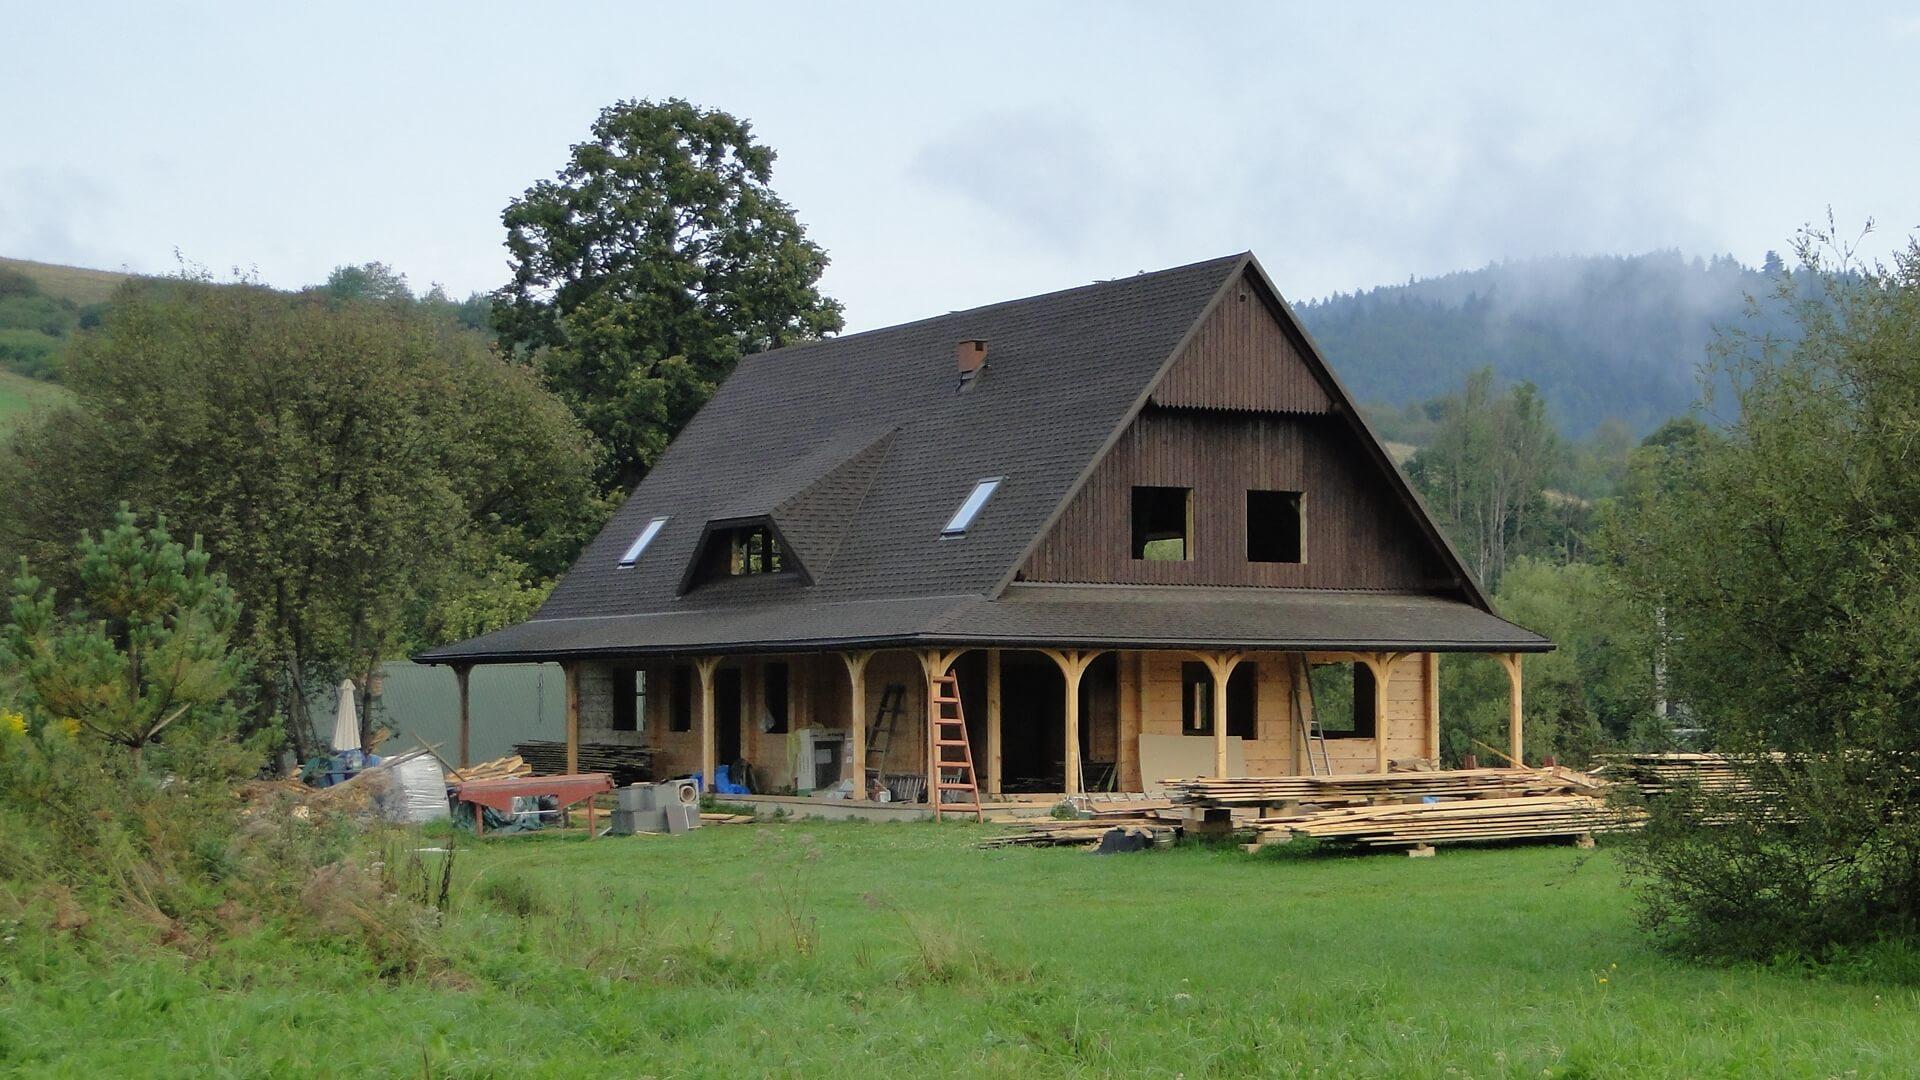 Nowe skrzydło chaty gotowe wstanie surowym!